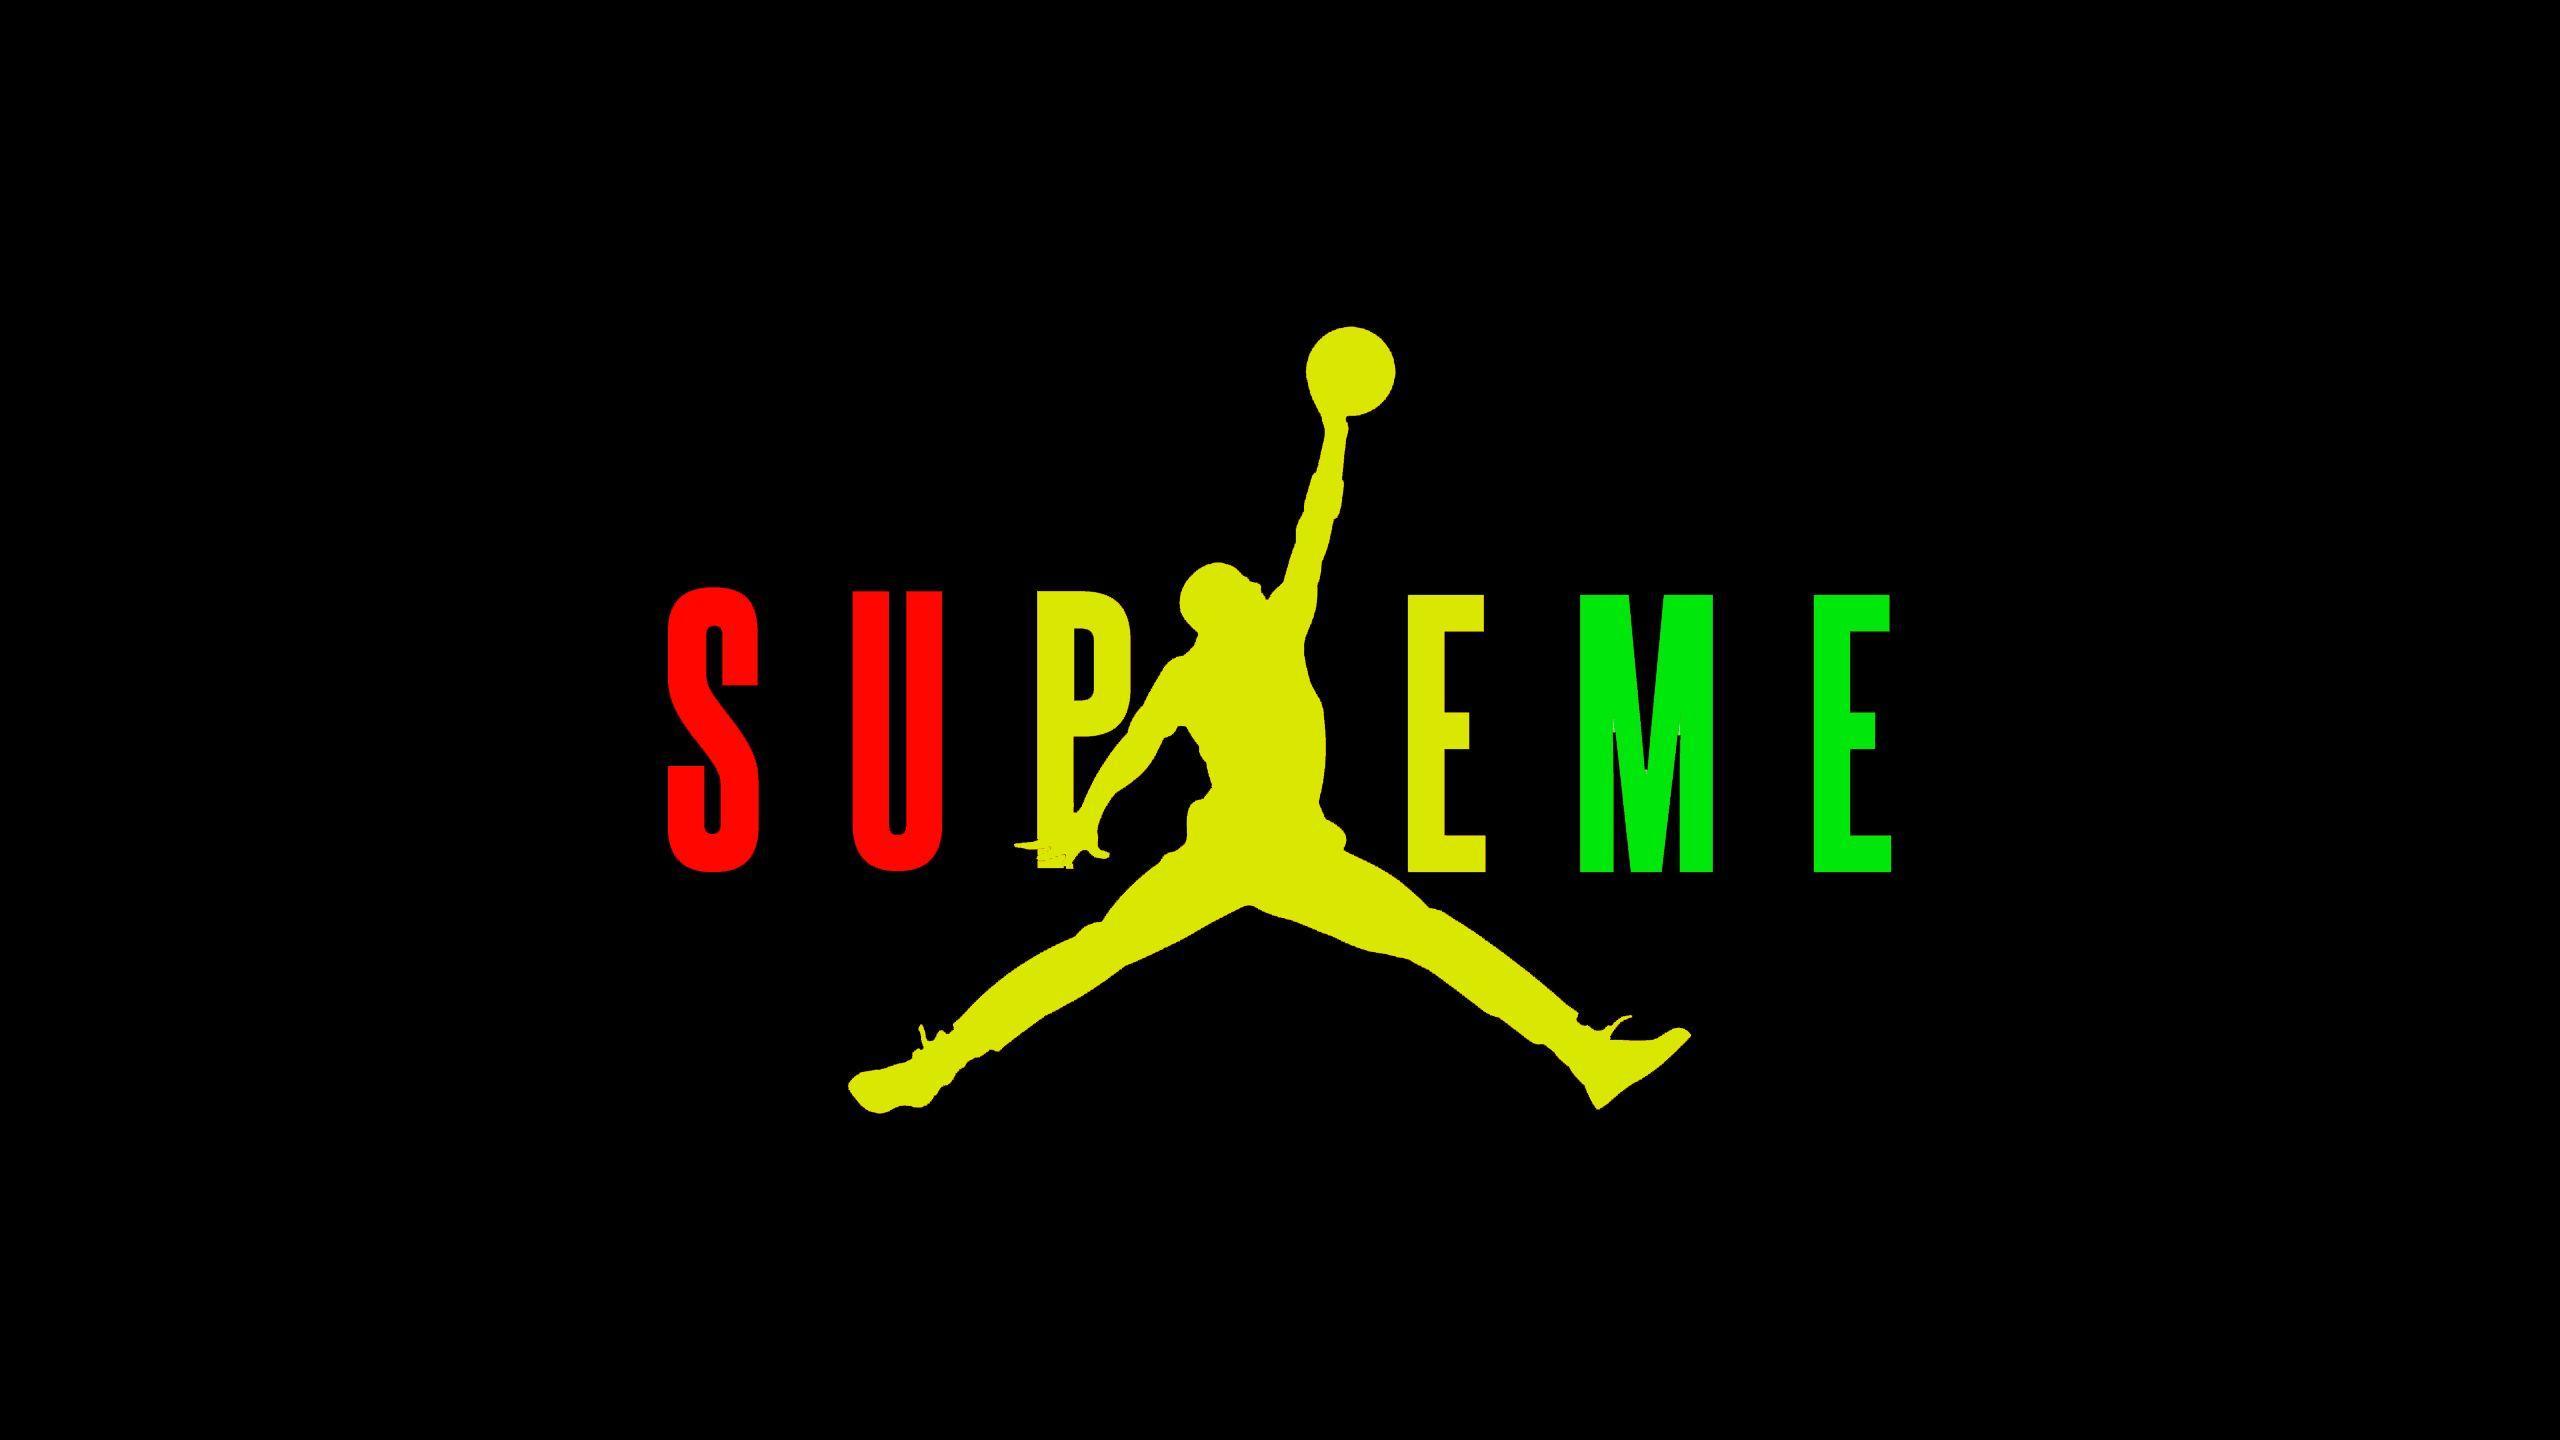 Supreme Jordan Wallpapers Top Free Supreme Jordan Backgrounds